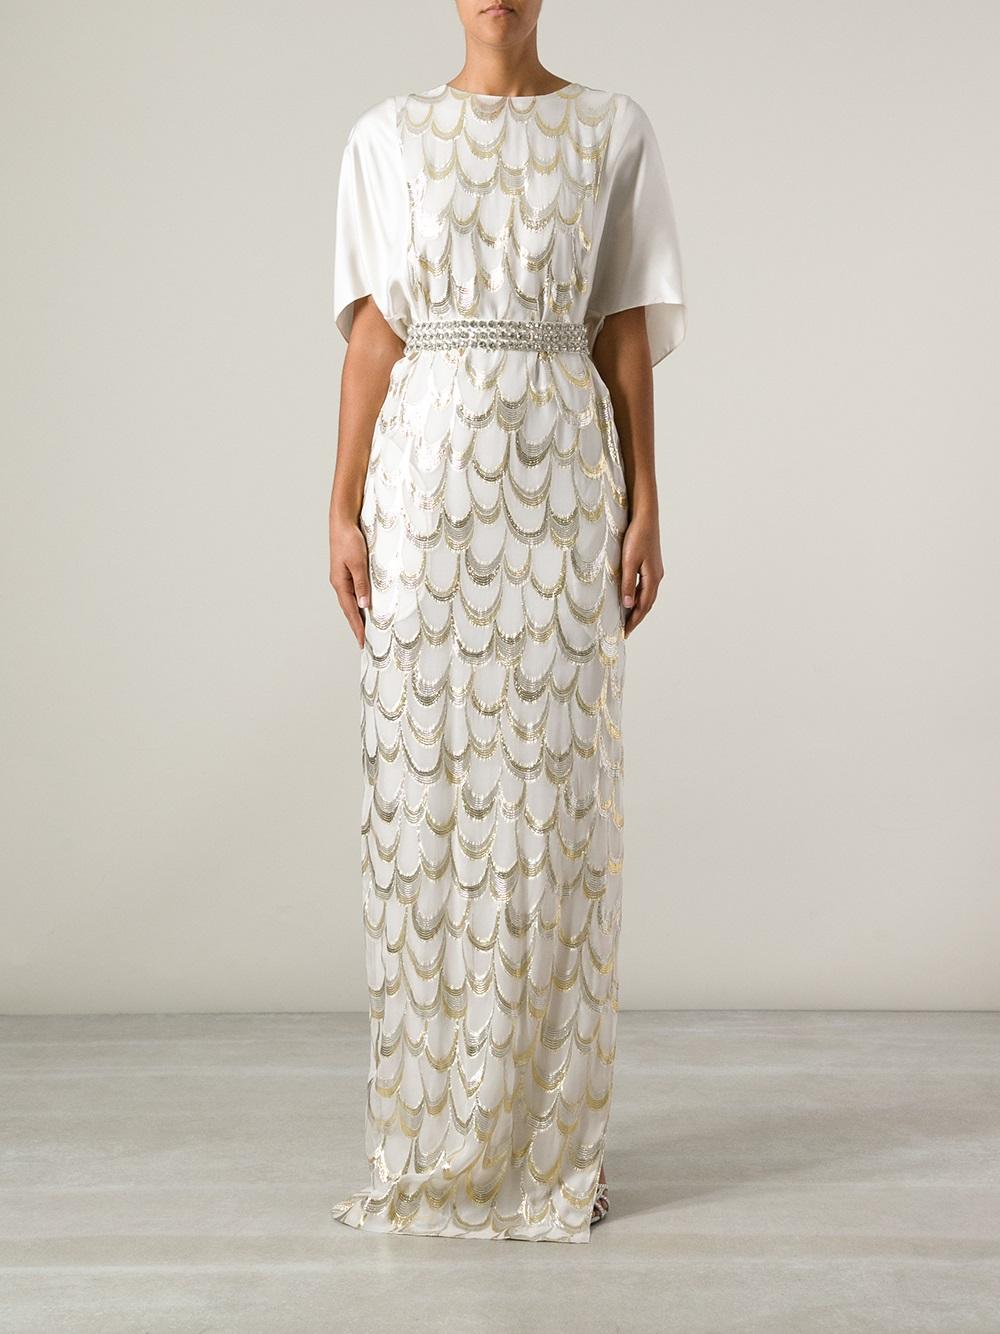 f6542e31d863 By Malene Birger Diamante Maxi Dress in White - Lyst